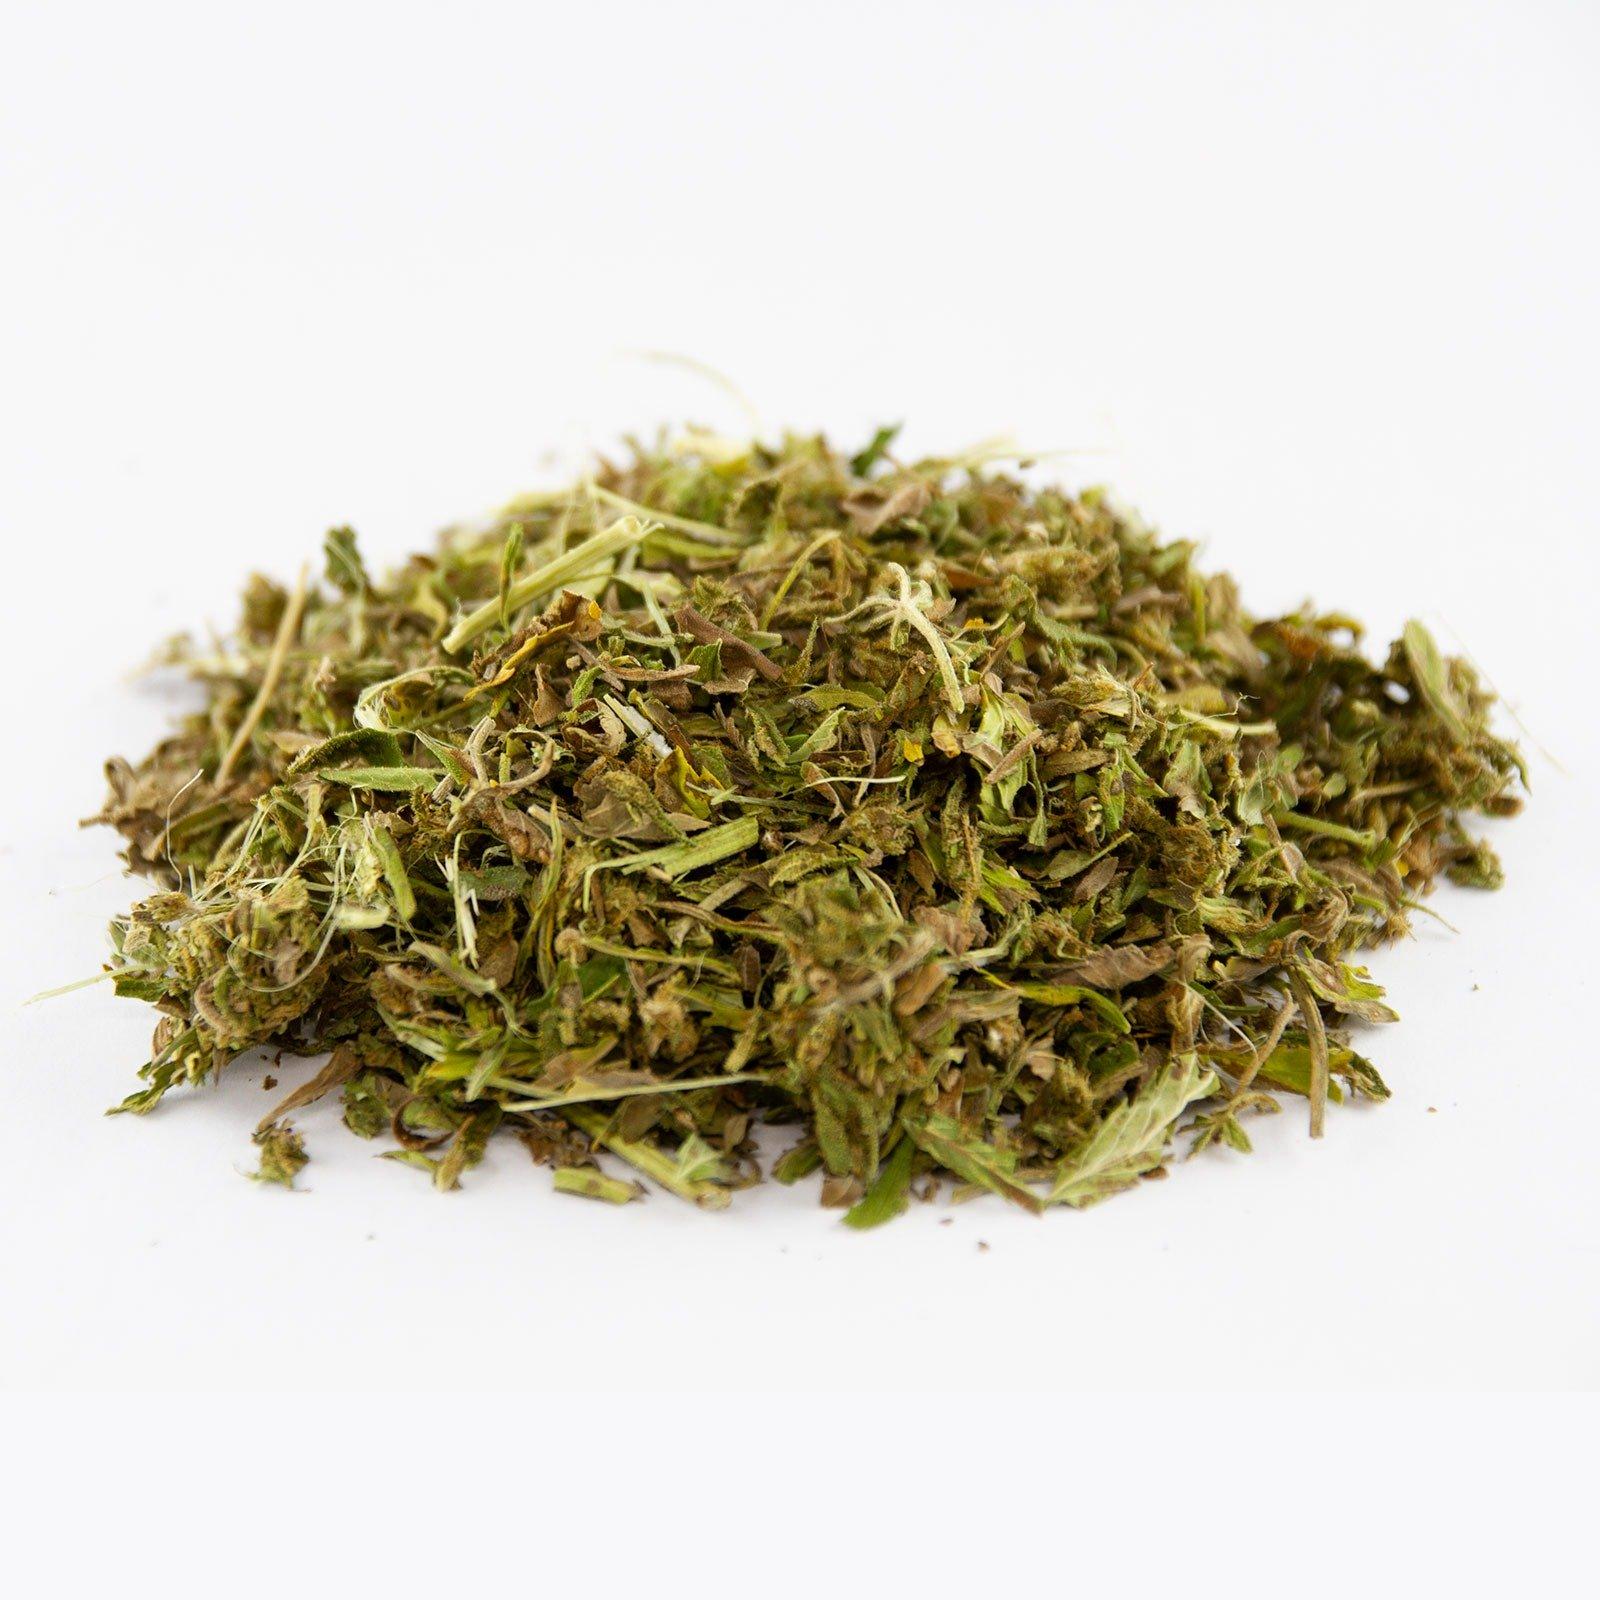 Image de variété BIOMASSE TRIM qualité 3 de Cannabis CBD 100% légal